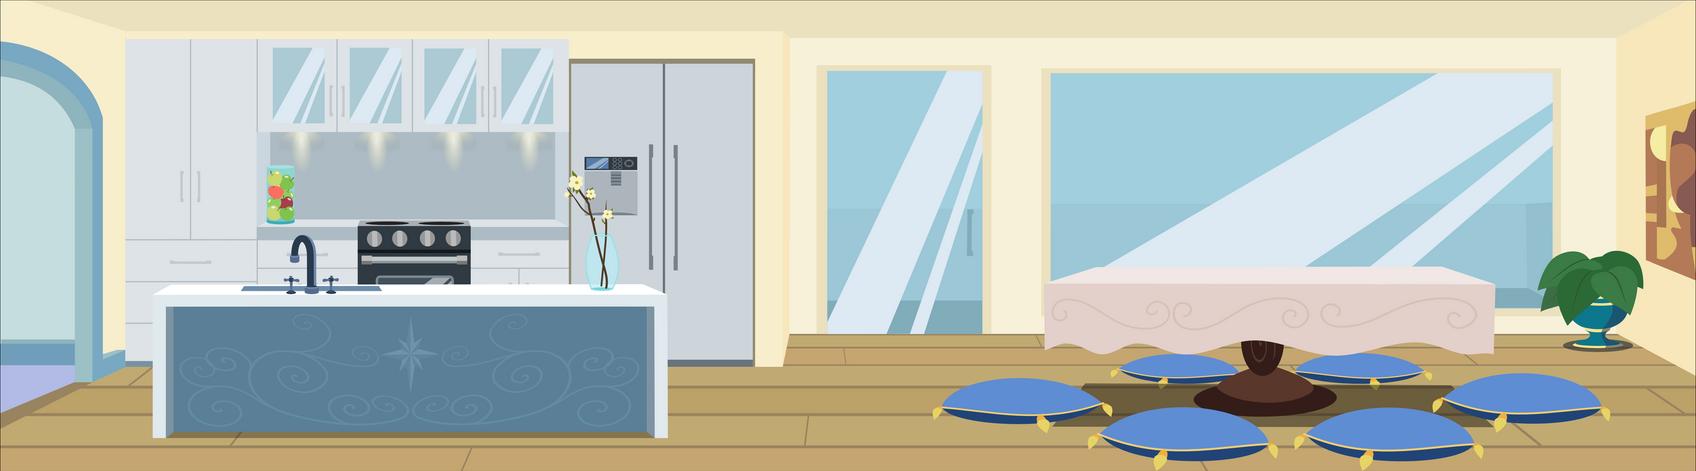 mlp modern kitchen by matty4z on DeviantArt